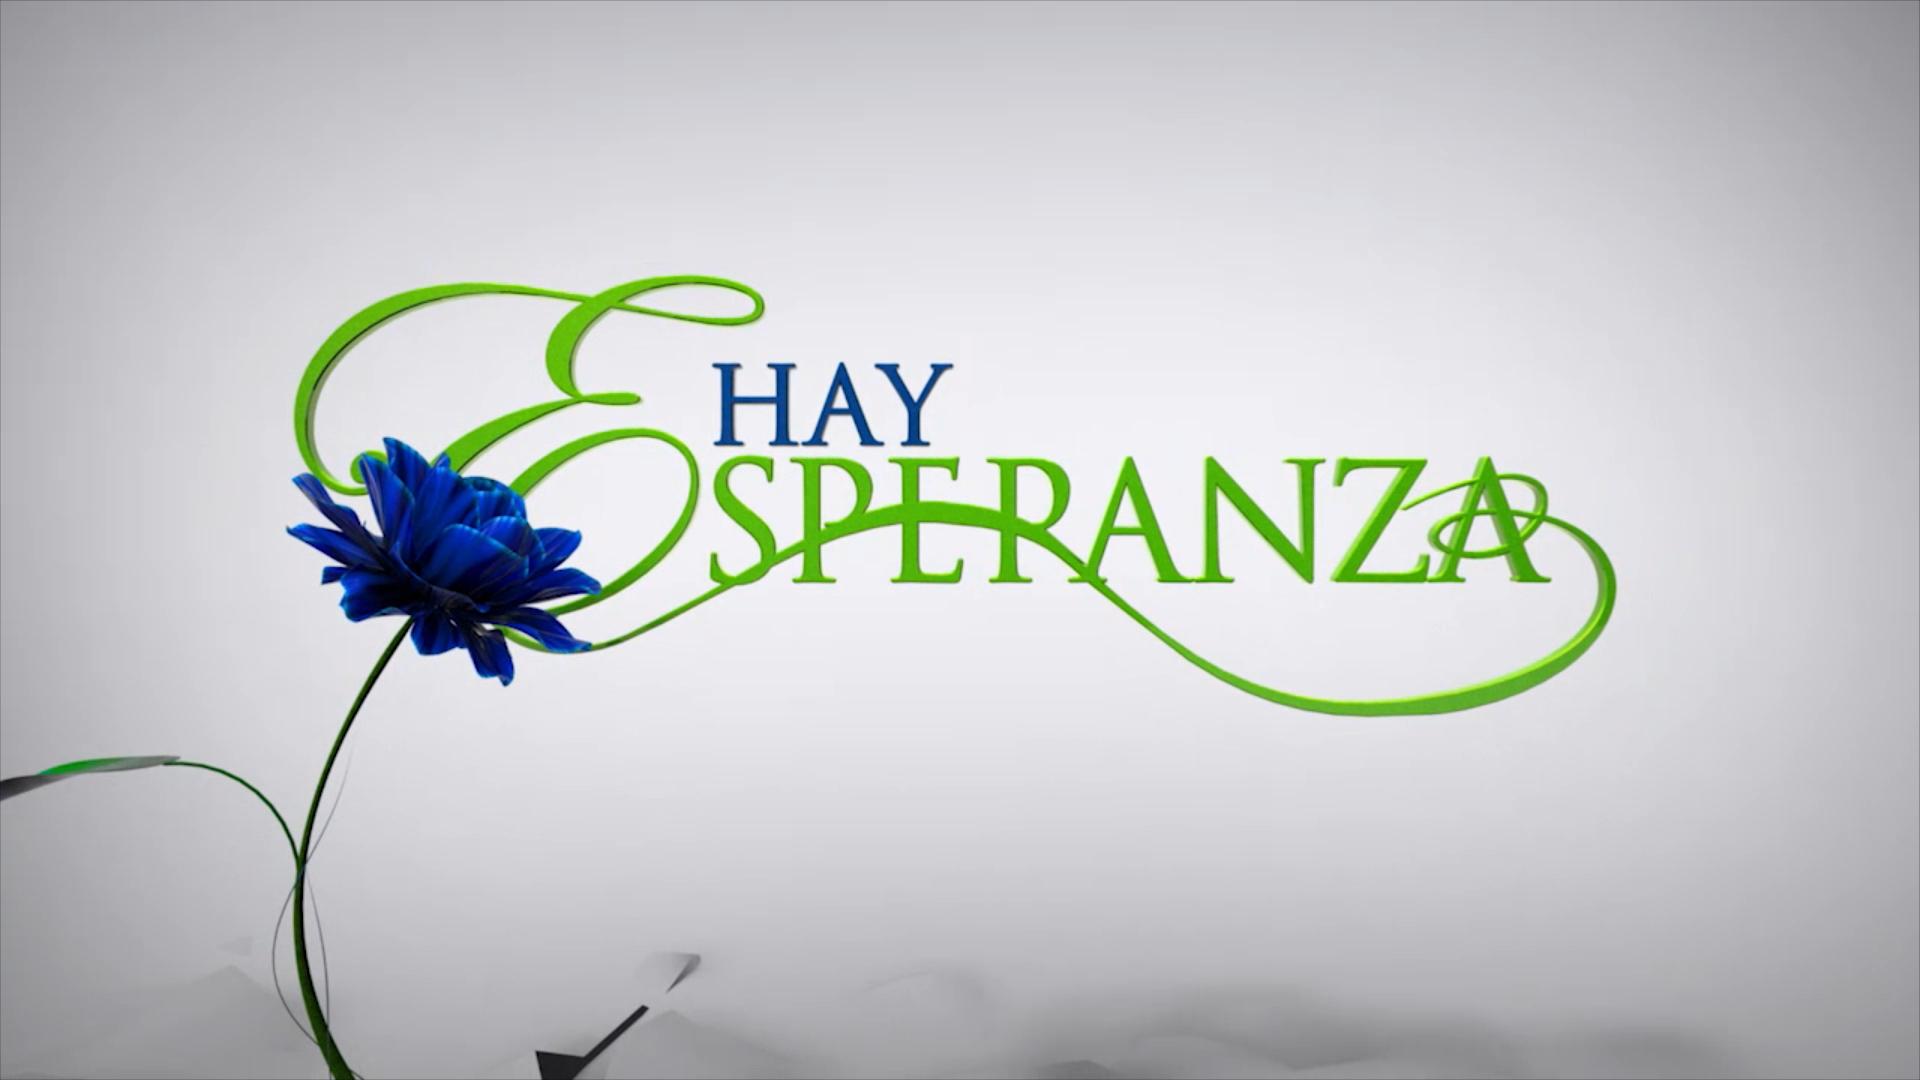 HayEsperanza_LOGO.jpg